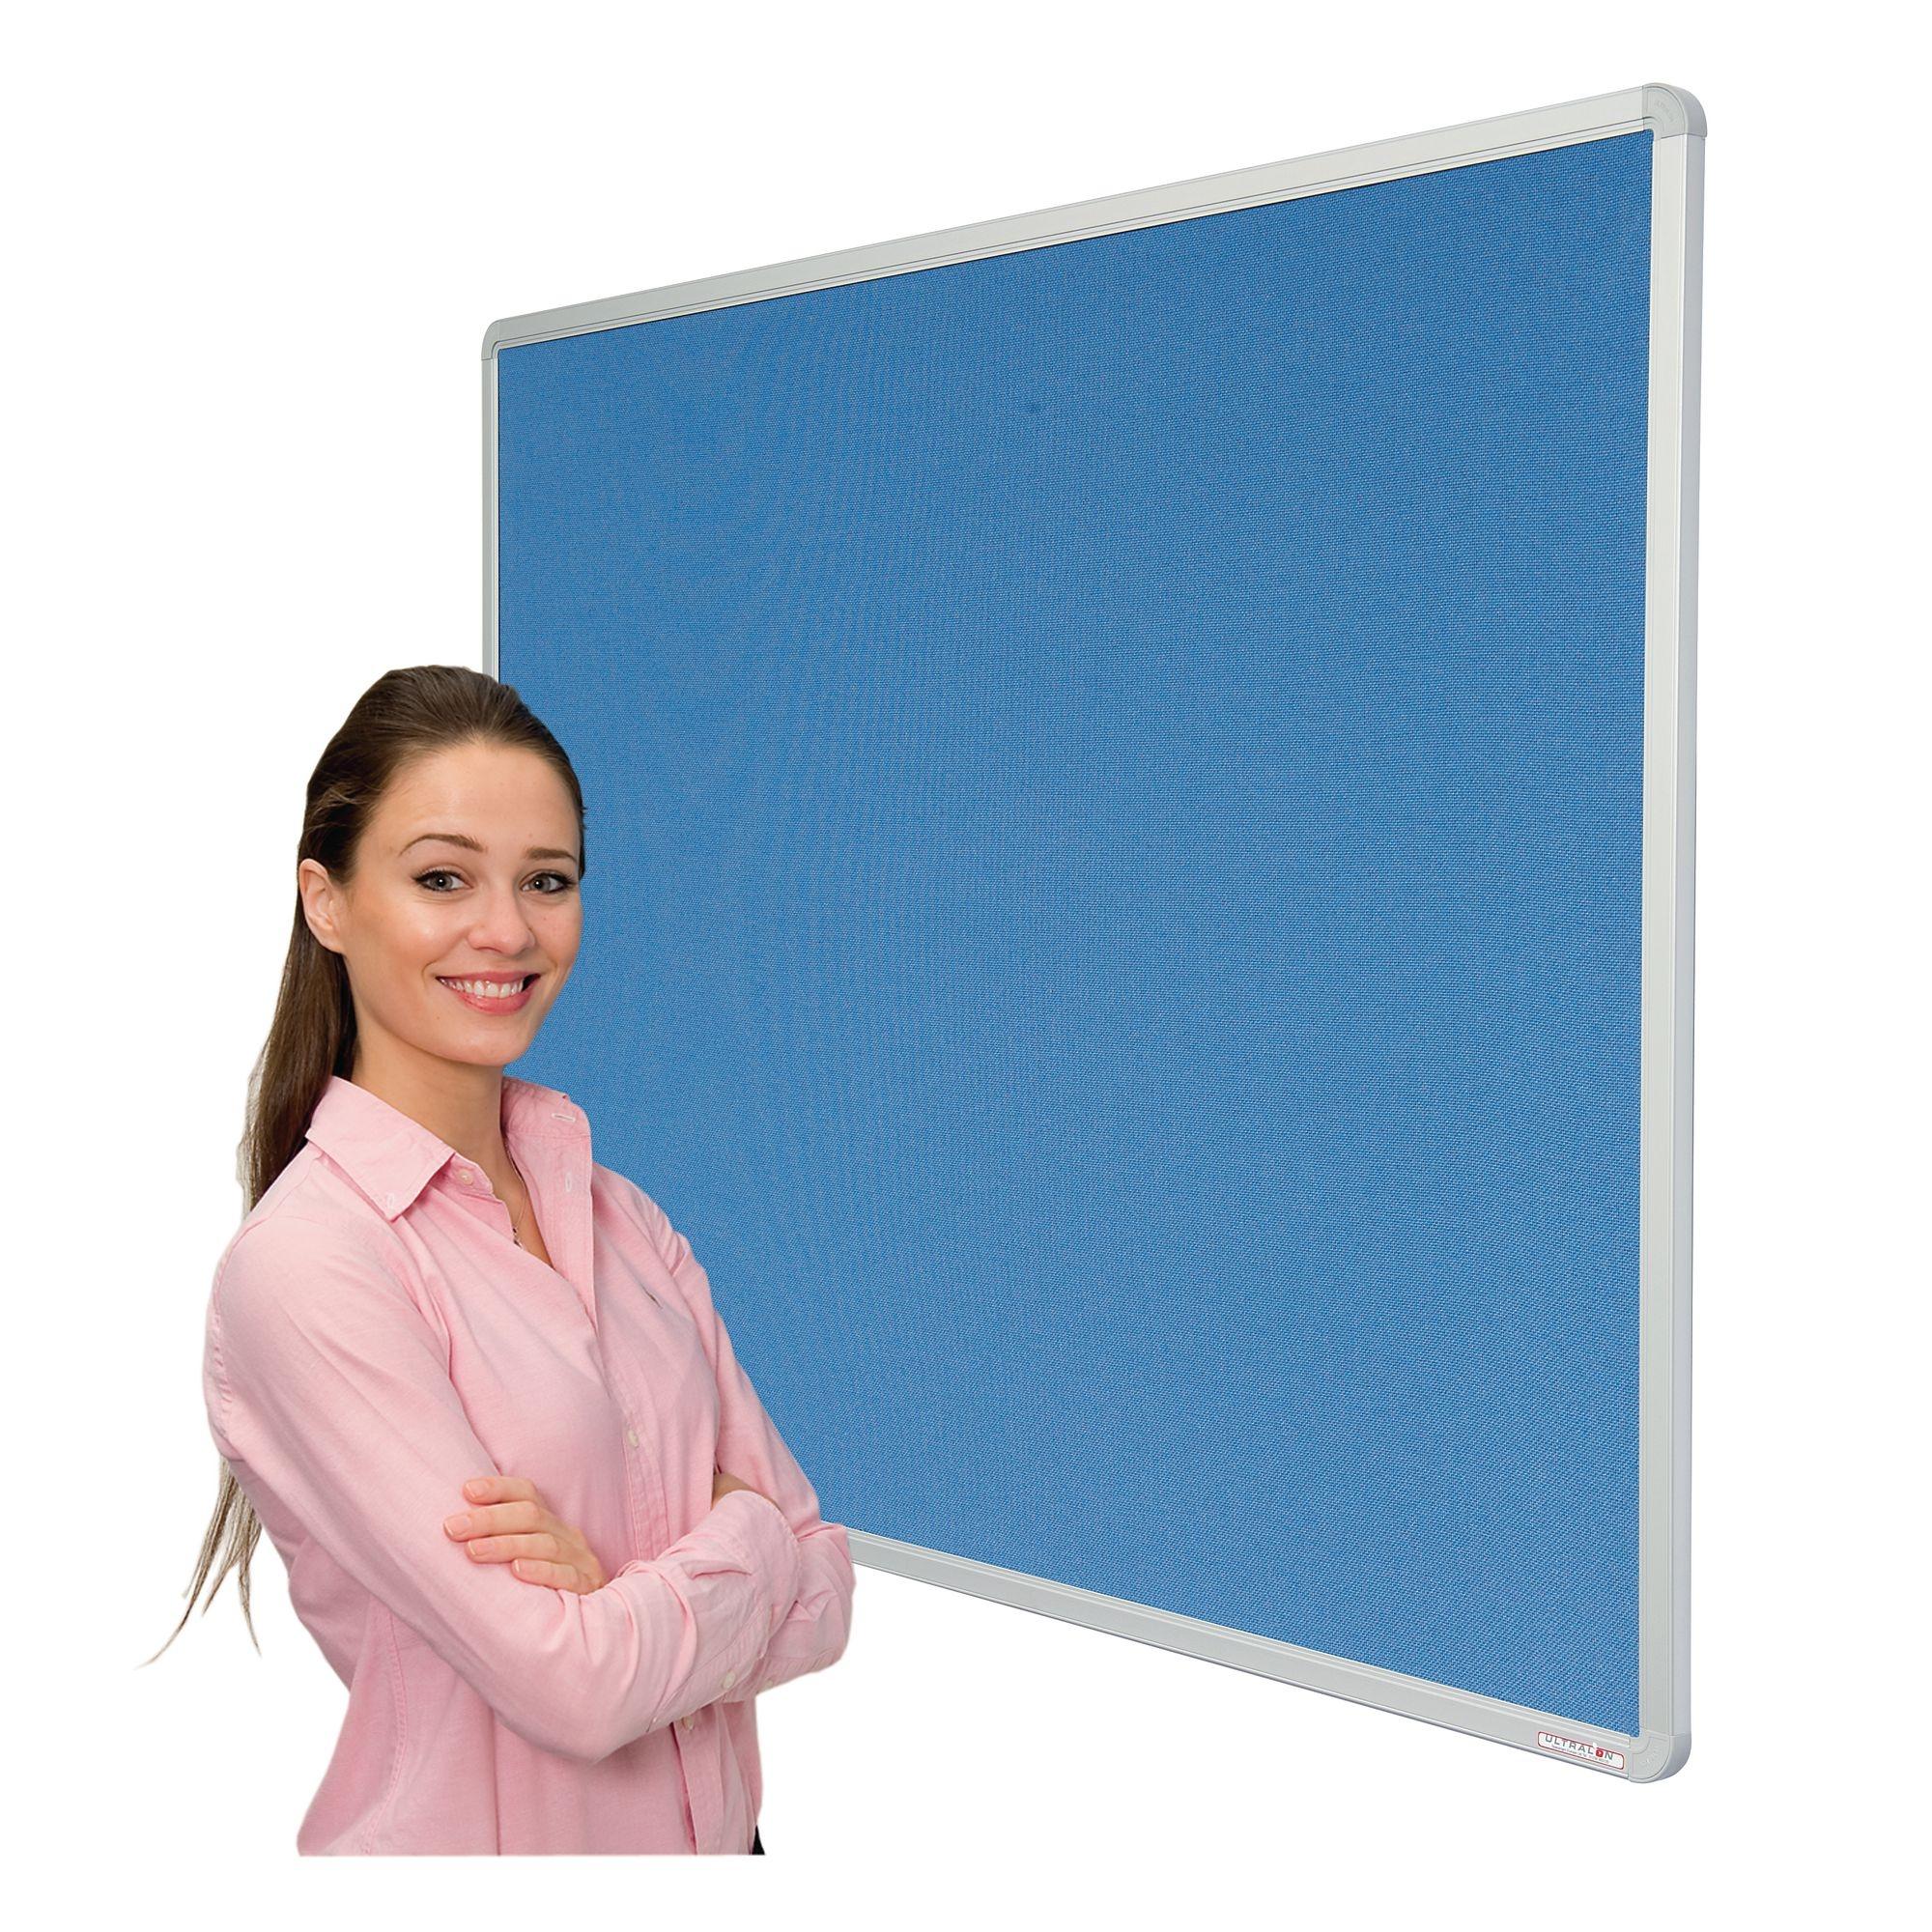 ColourTex Aluminium Frame FlameSheild Noticeboard18x12Turq